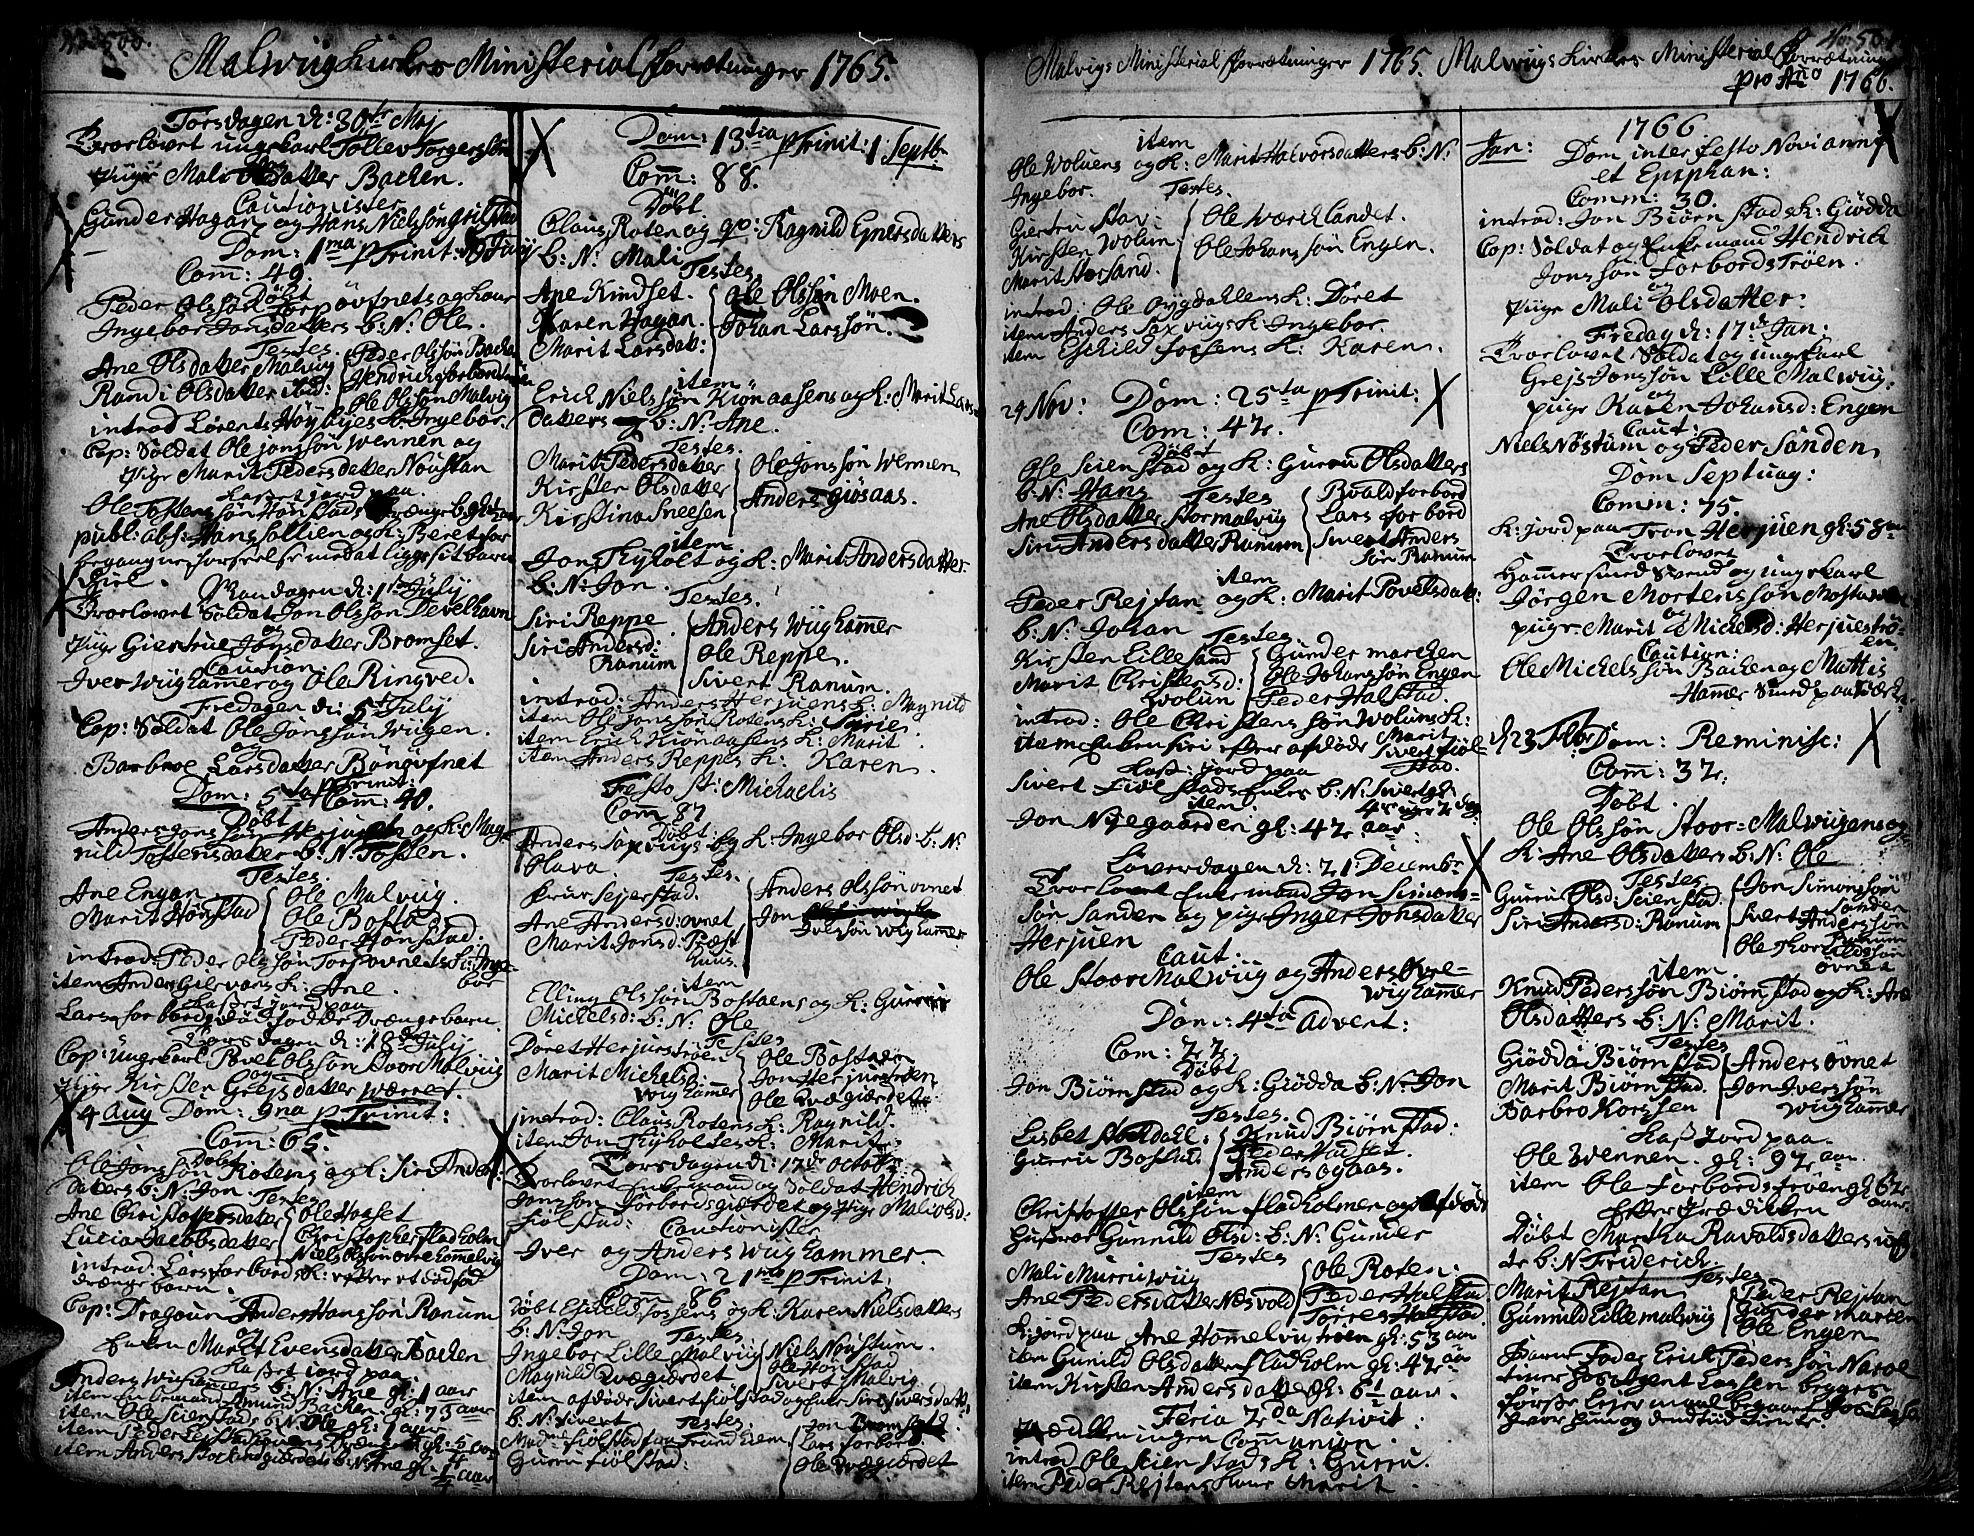 SAT, Ministerialprotokoller, klokkerbøker og fødselsregistre - Sør-Trøndelag, 606/L0277: Ministerialbok nr. 606A01 /3, 1727-1780, s. 500-501